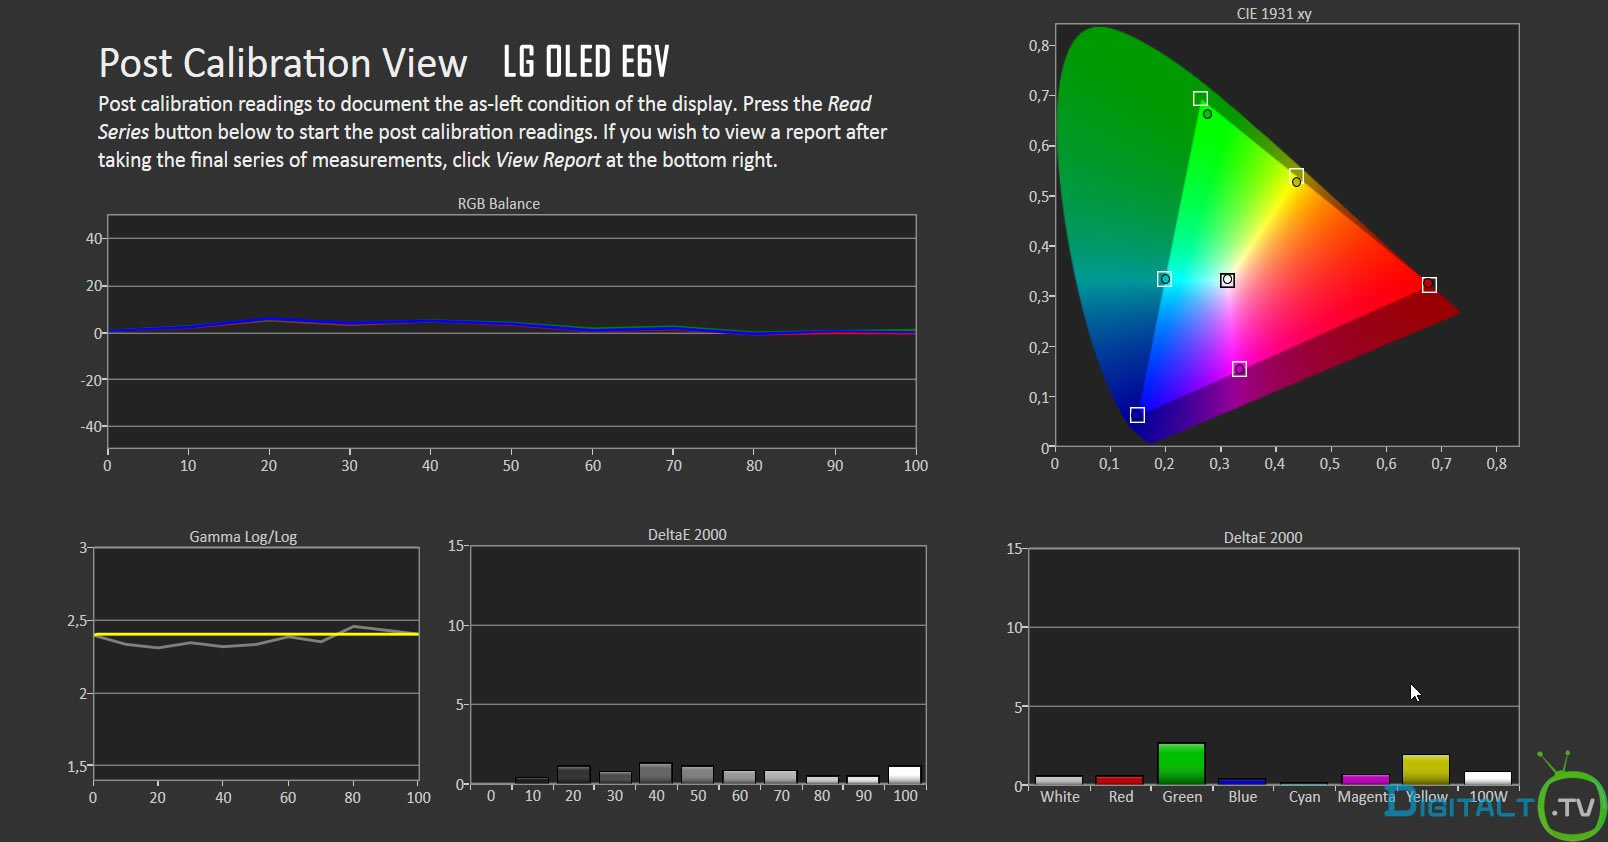 digitalt-tv-lge6v-oled-post-calibration